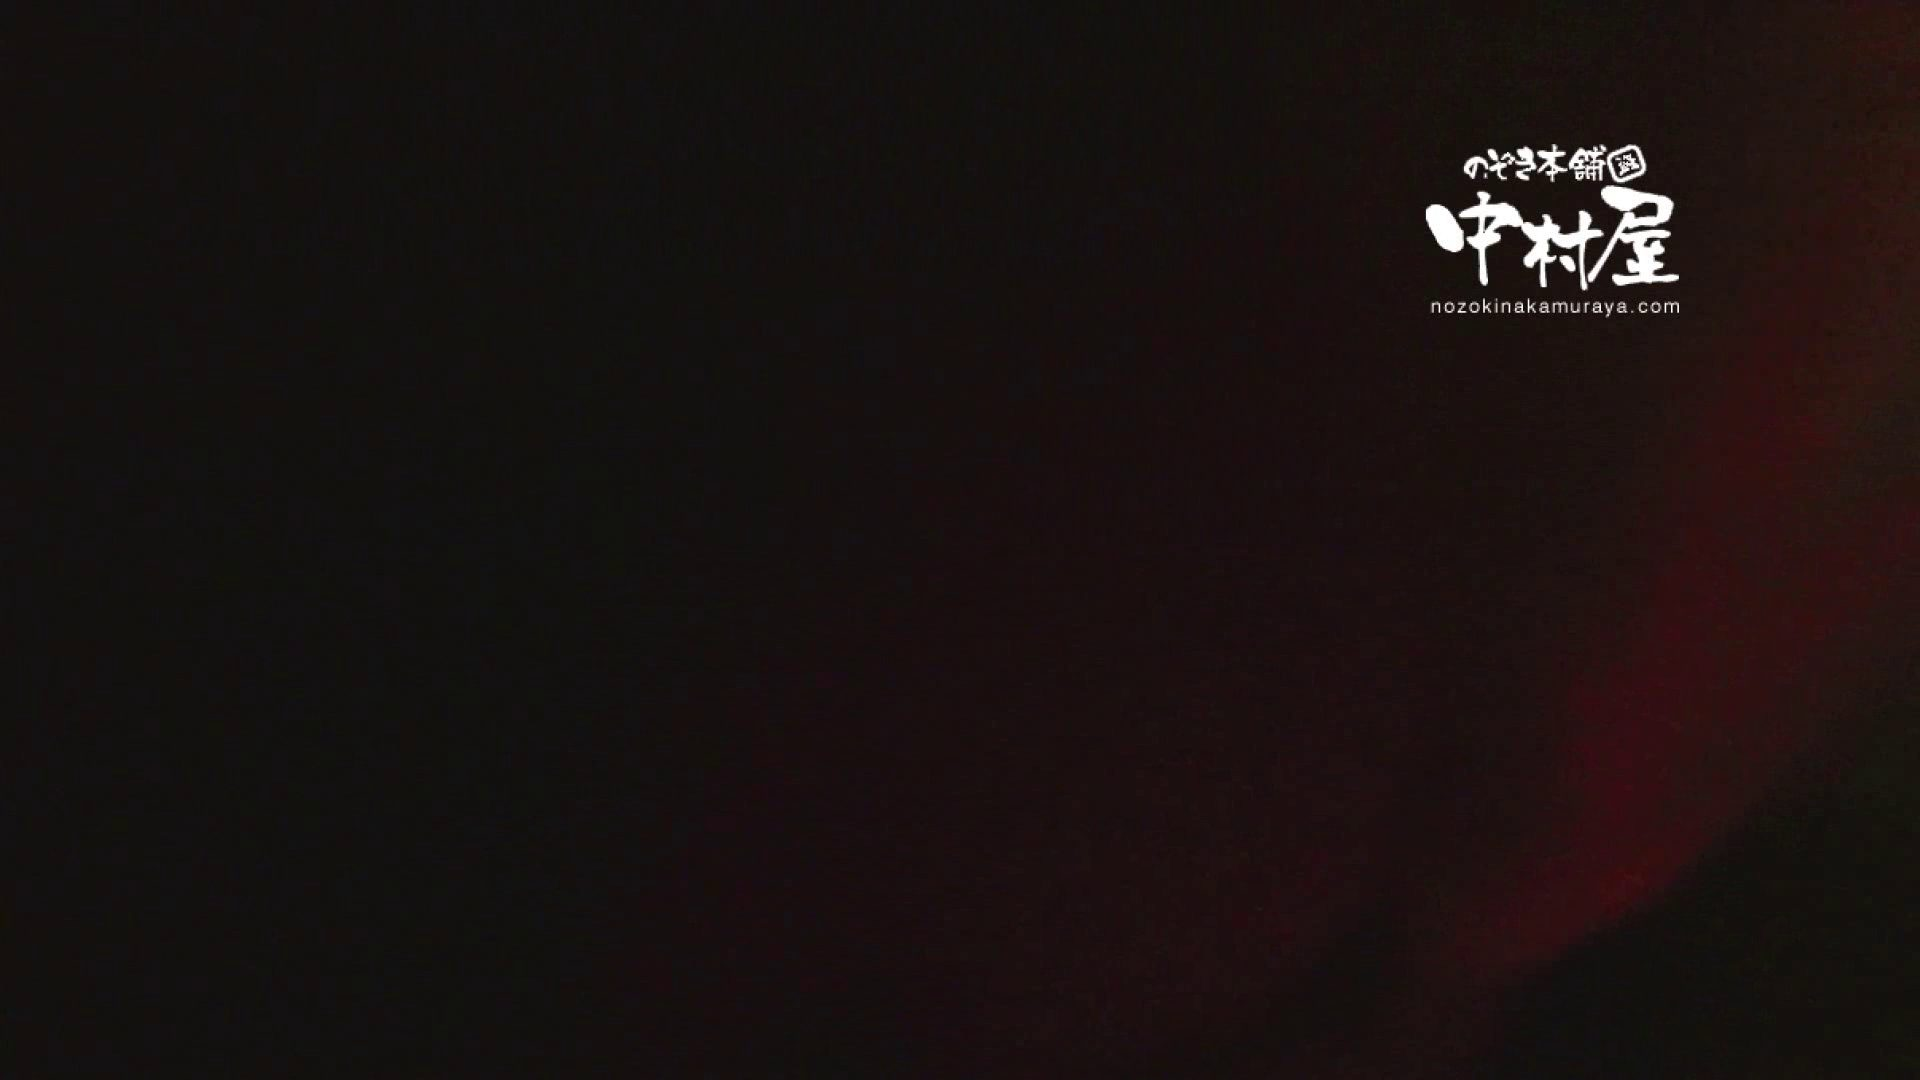 鬼畜 vol.18 居酒屋バイト時代の同僚に中出ししてみる 前編 鬼畜  87PIX 18